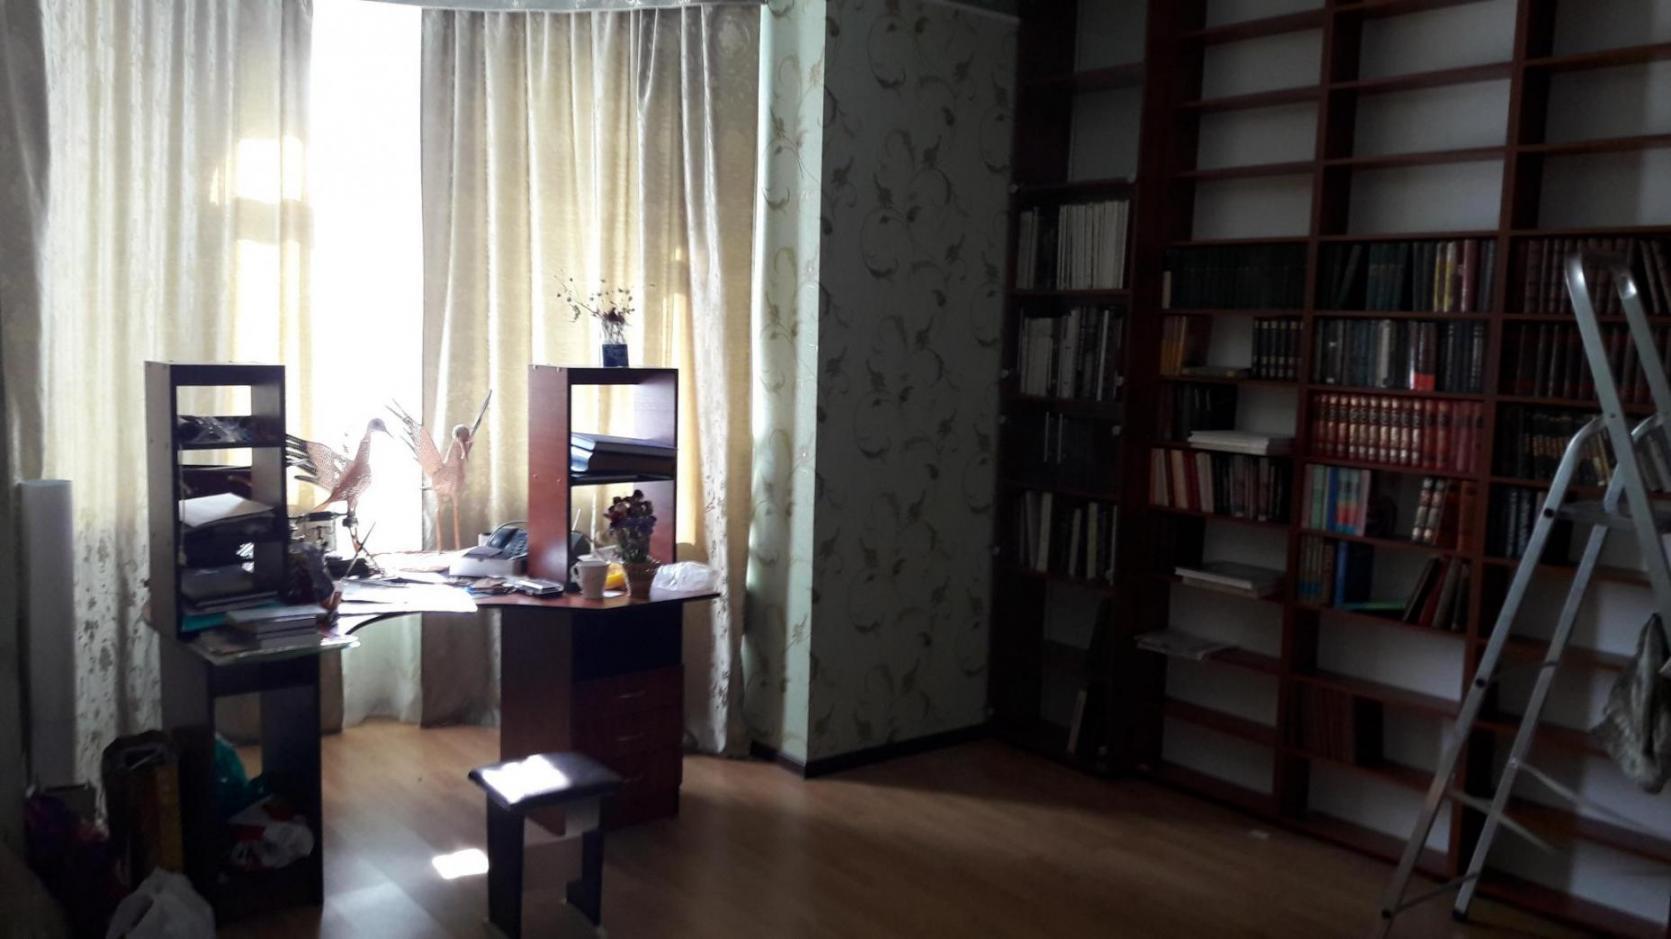 Коттедж в аренду по адресу Россия, Белгородская область, Белгородский р-н, Новосадовый посёлок, Заречная улица